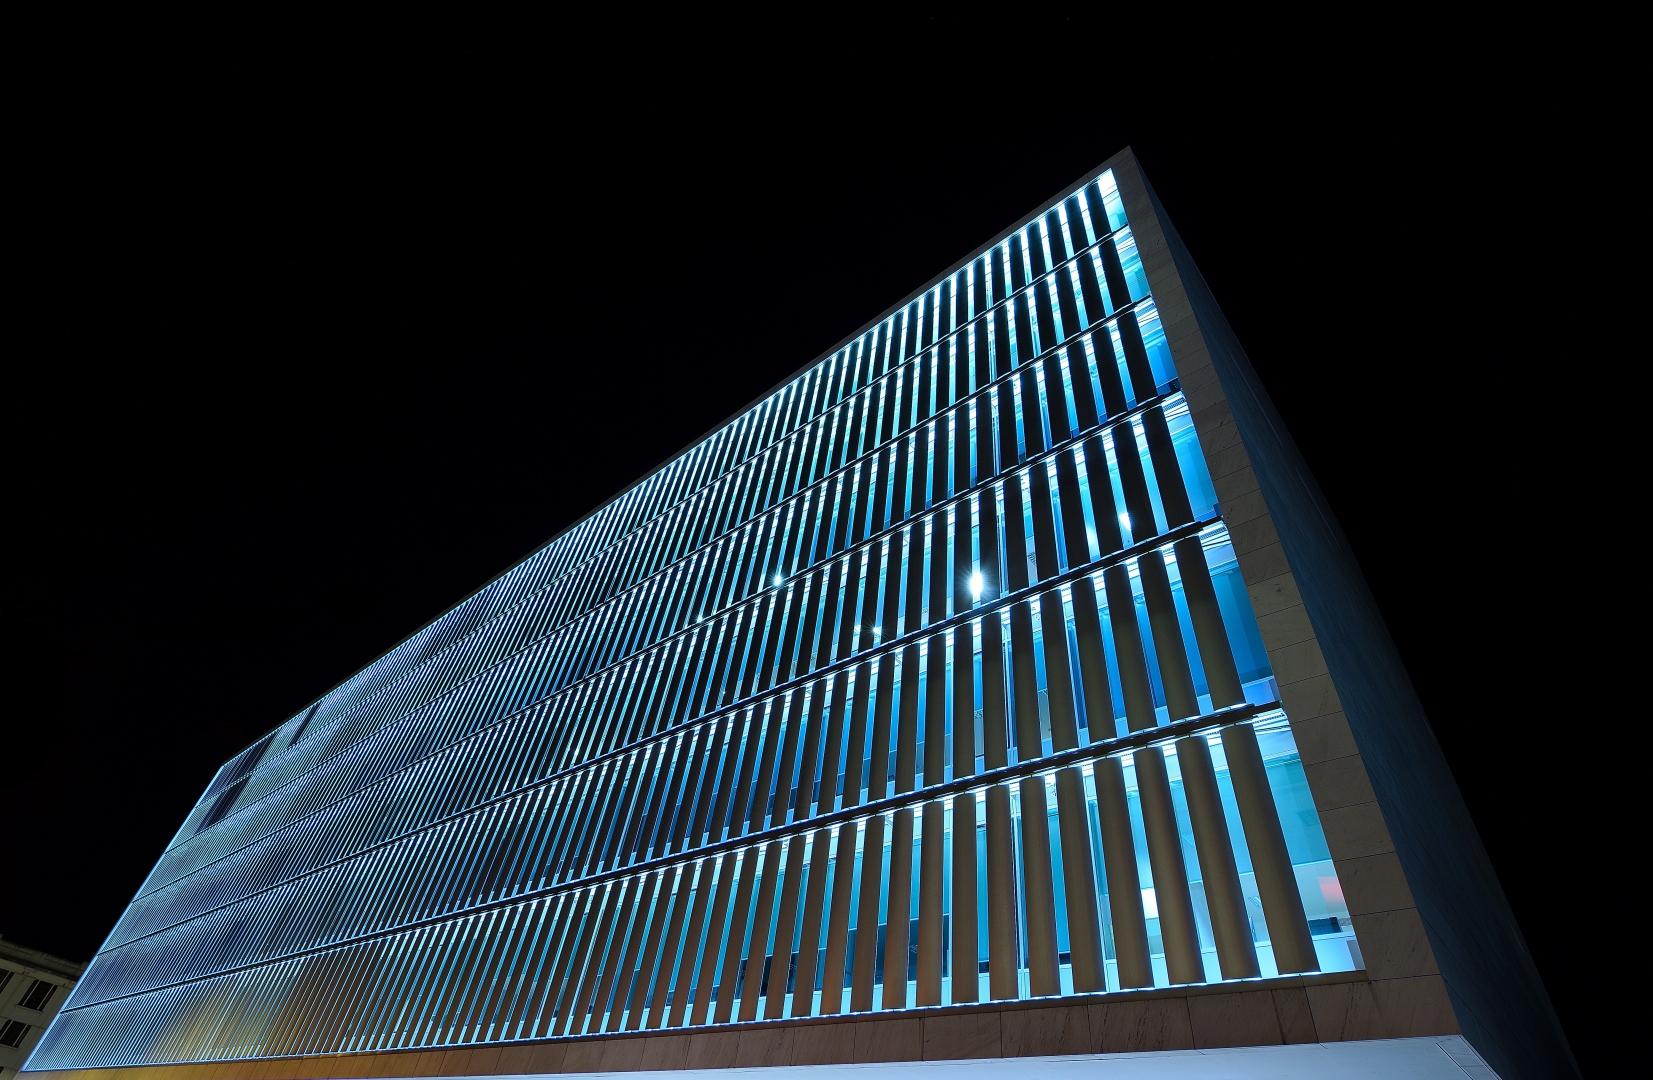 Arquitetura/Arquitectura e luz